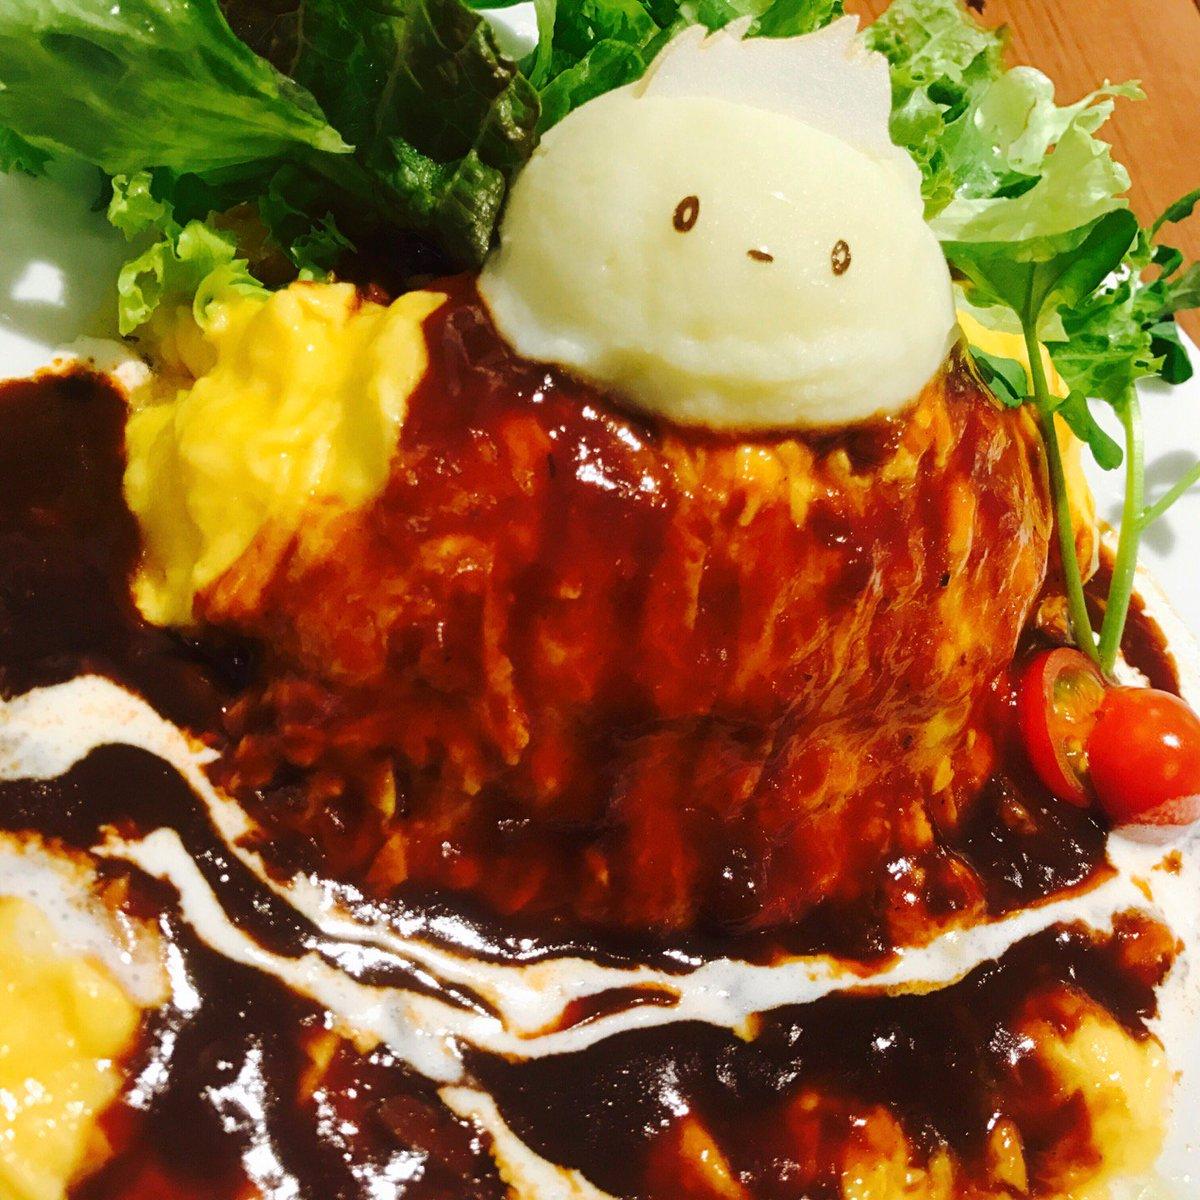 バケモノの子 (@ THE GUEST cafe&diner in 福岡市, 福岡県)